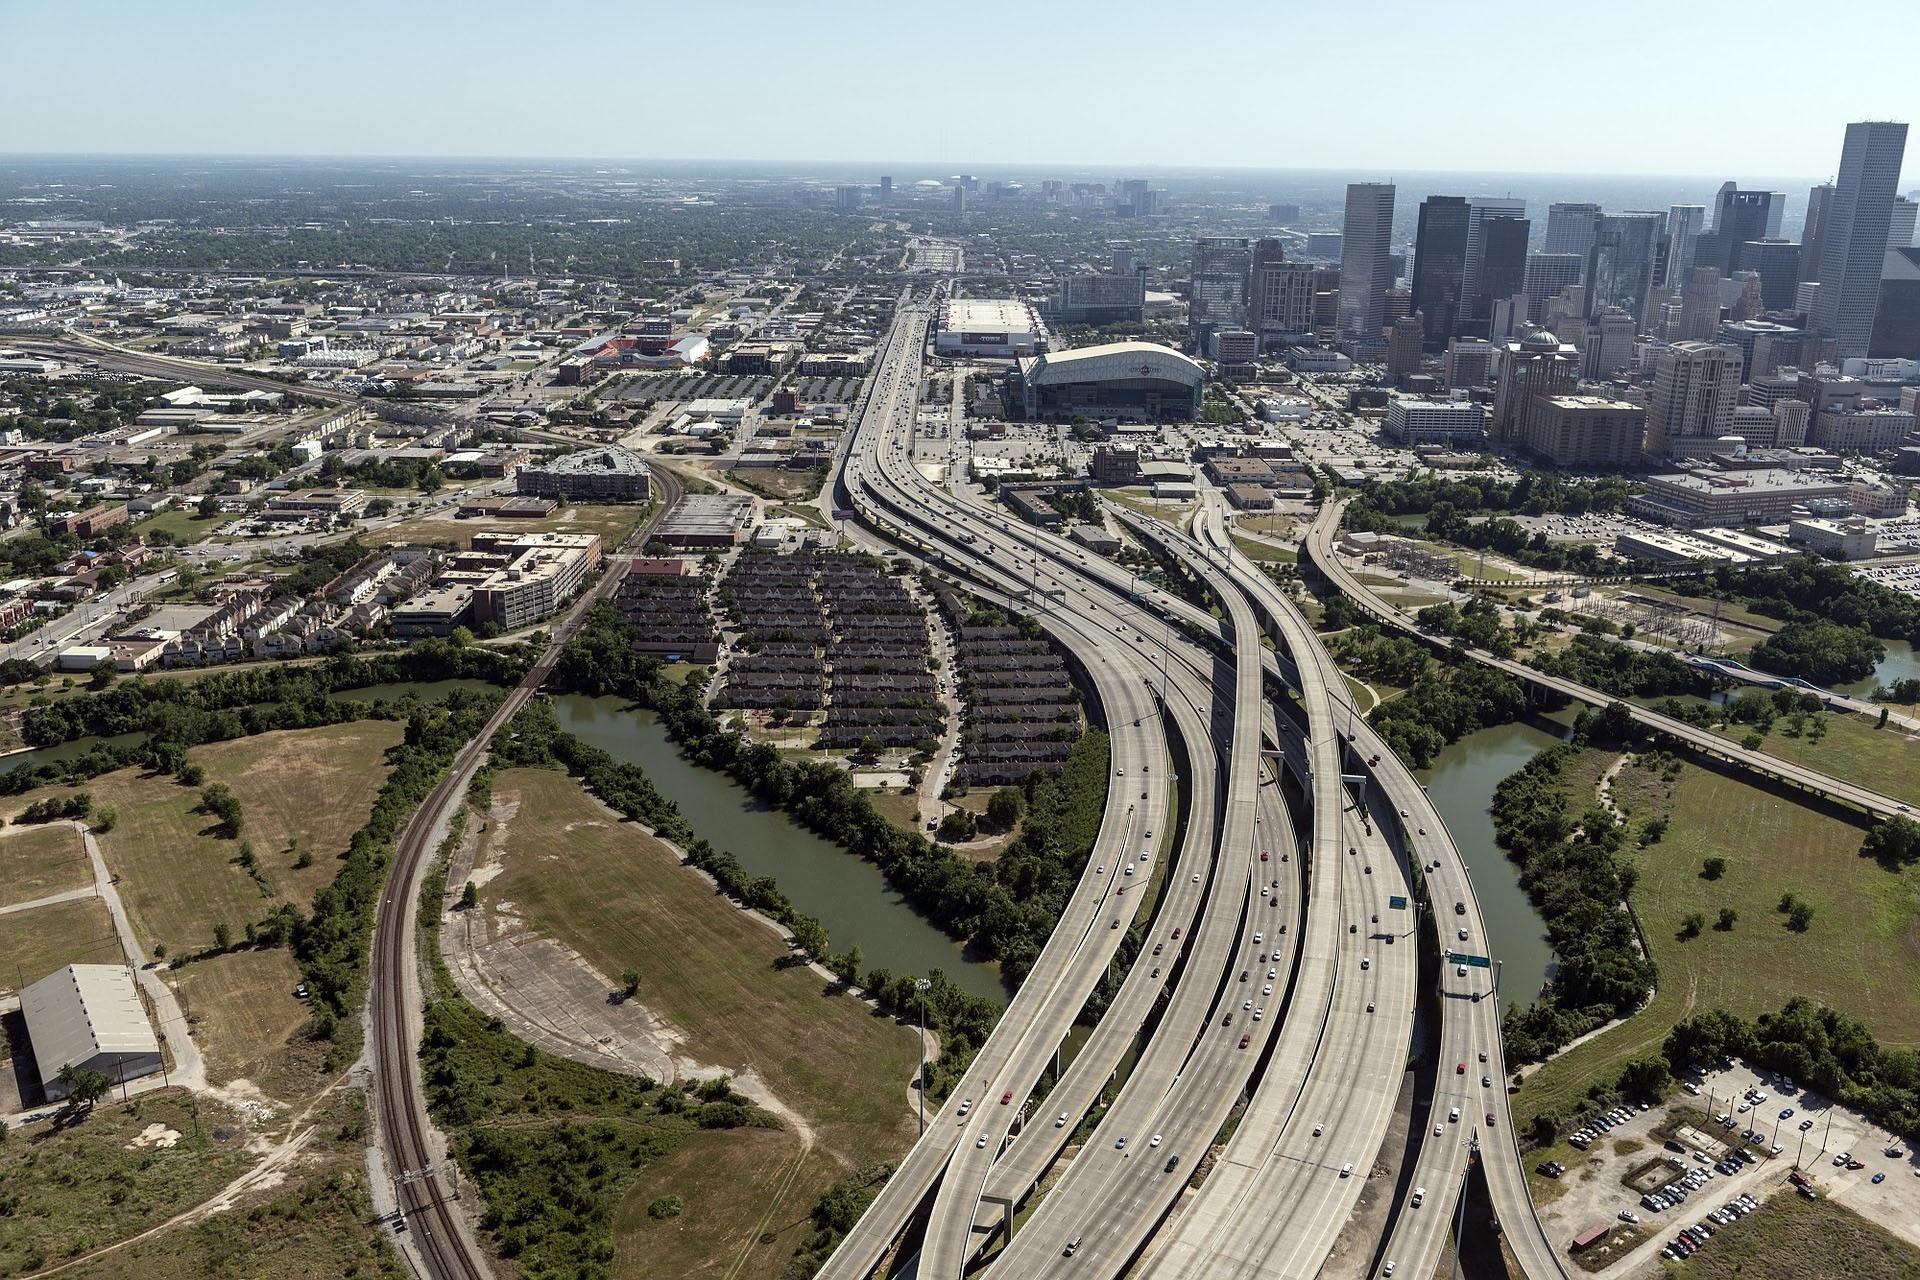 Houston Aerial View